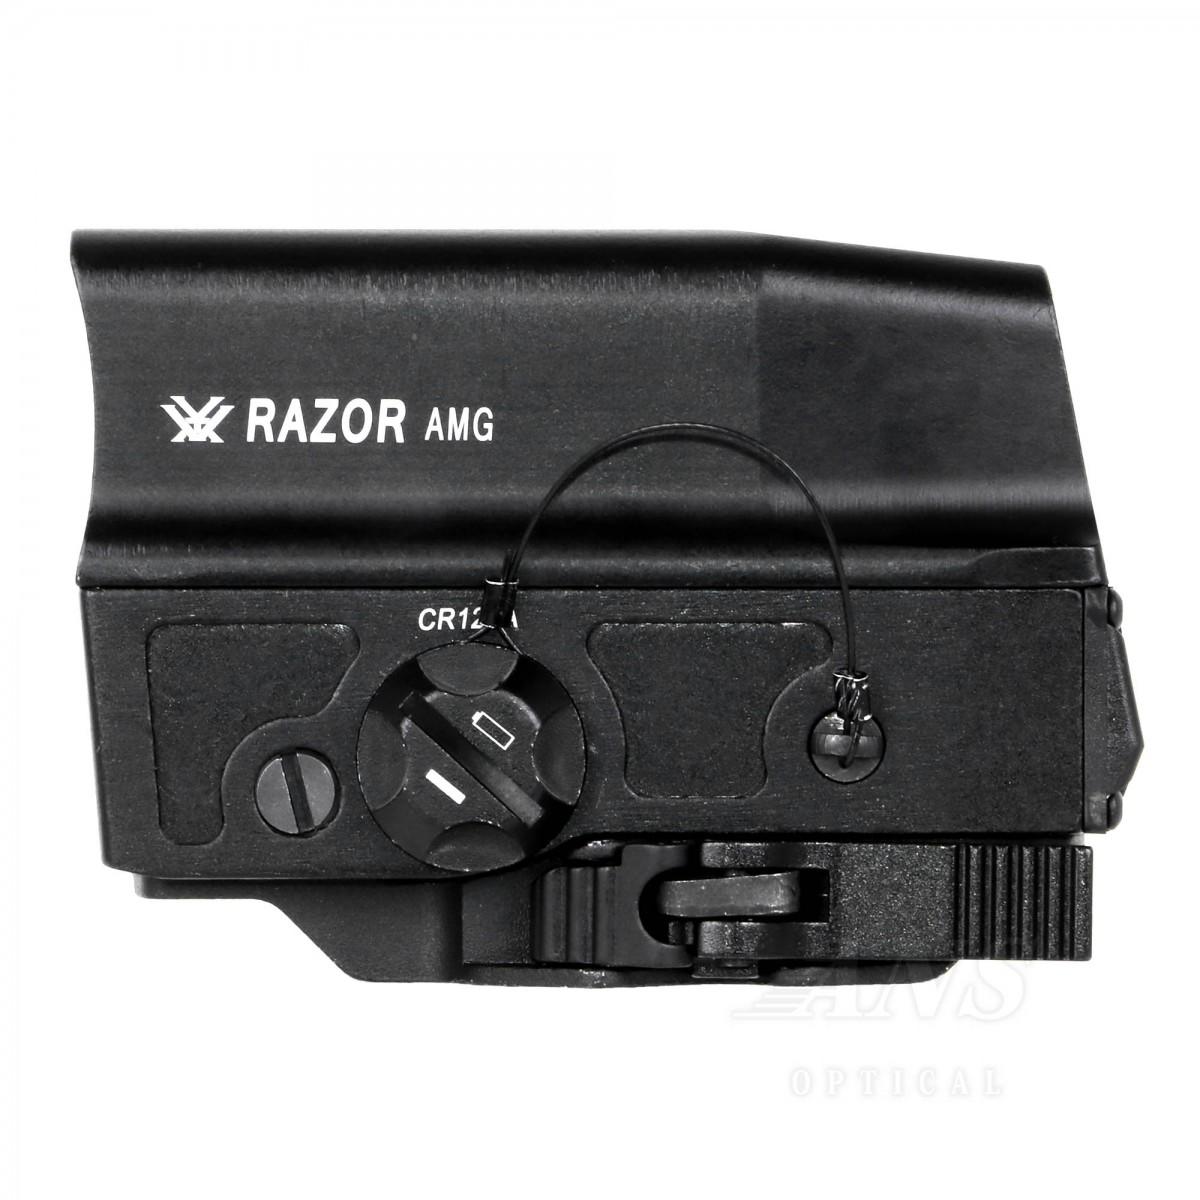 Razor AMG UH-1 タイプ レプリカ ホロサイト型ドットサイト ダットサイト